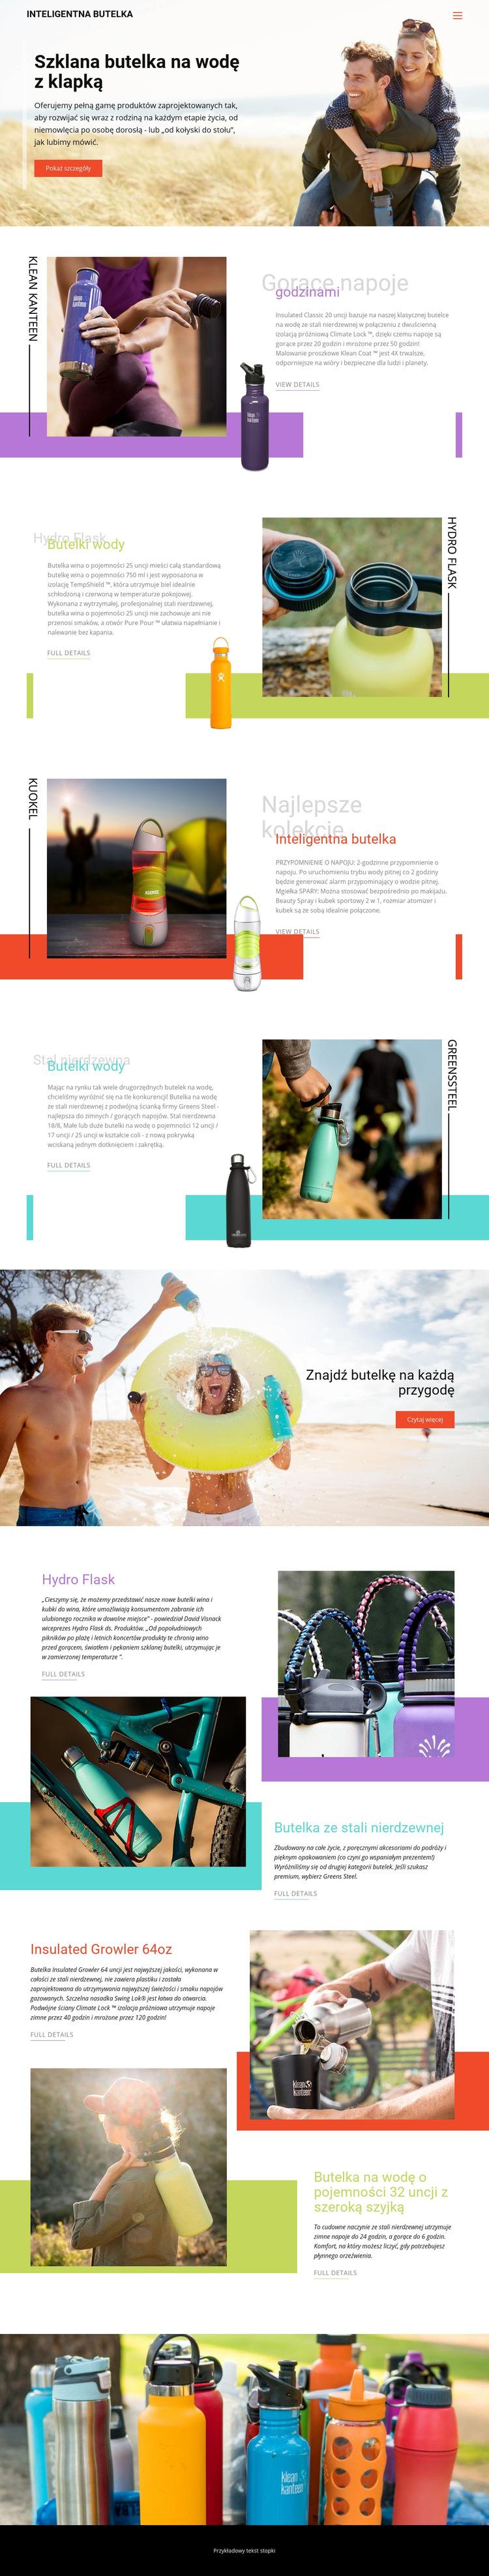 Butelki wody Szablon witryny sieci Web